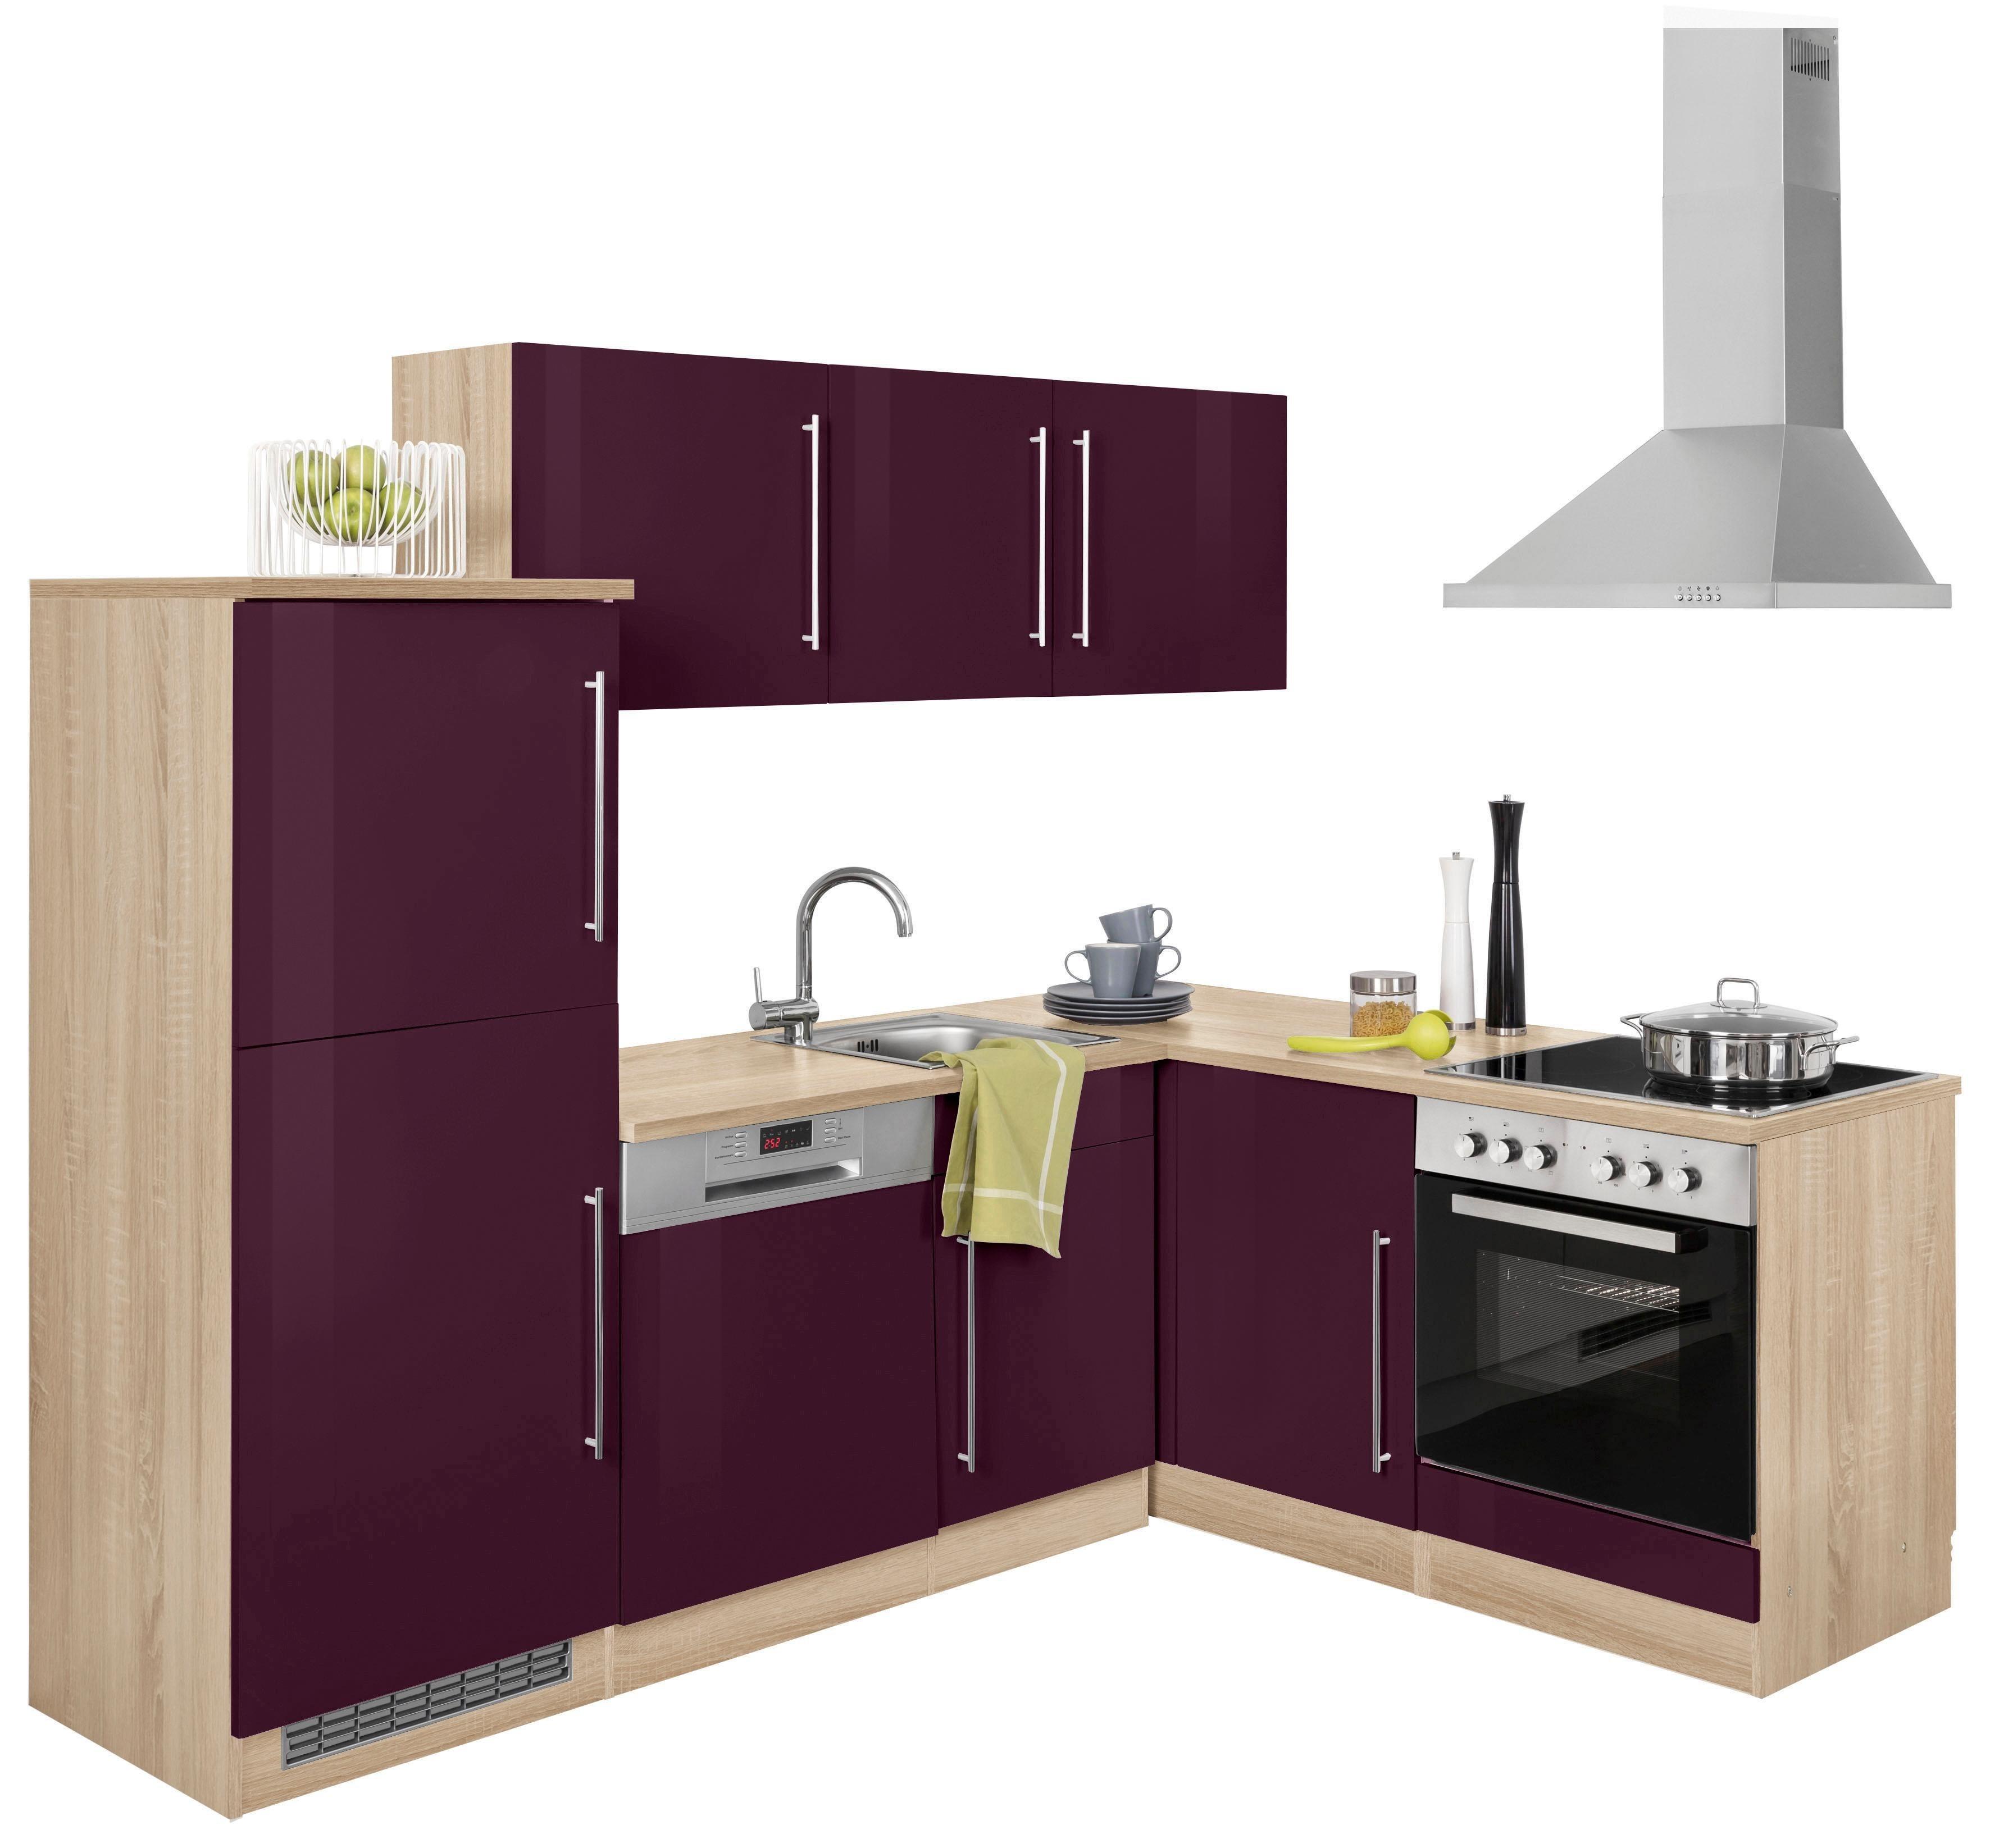 spanplatte winkelk chen online kaufen m bel suchmaschine. Black Bedroom Furniture Sets. Home Design Ideas